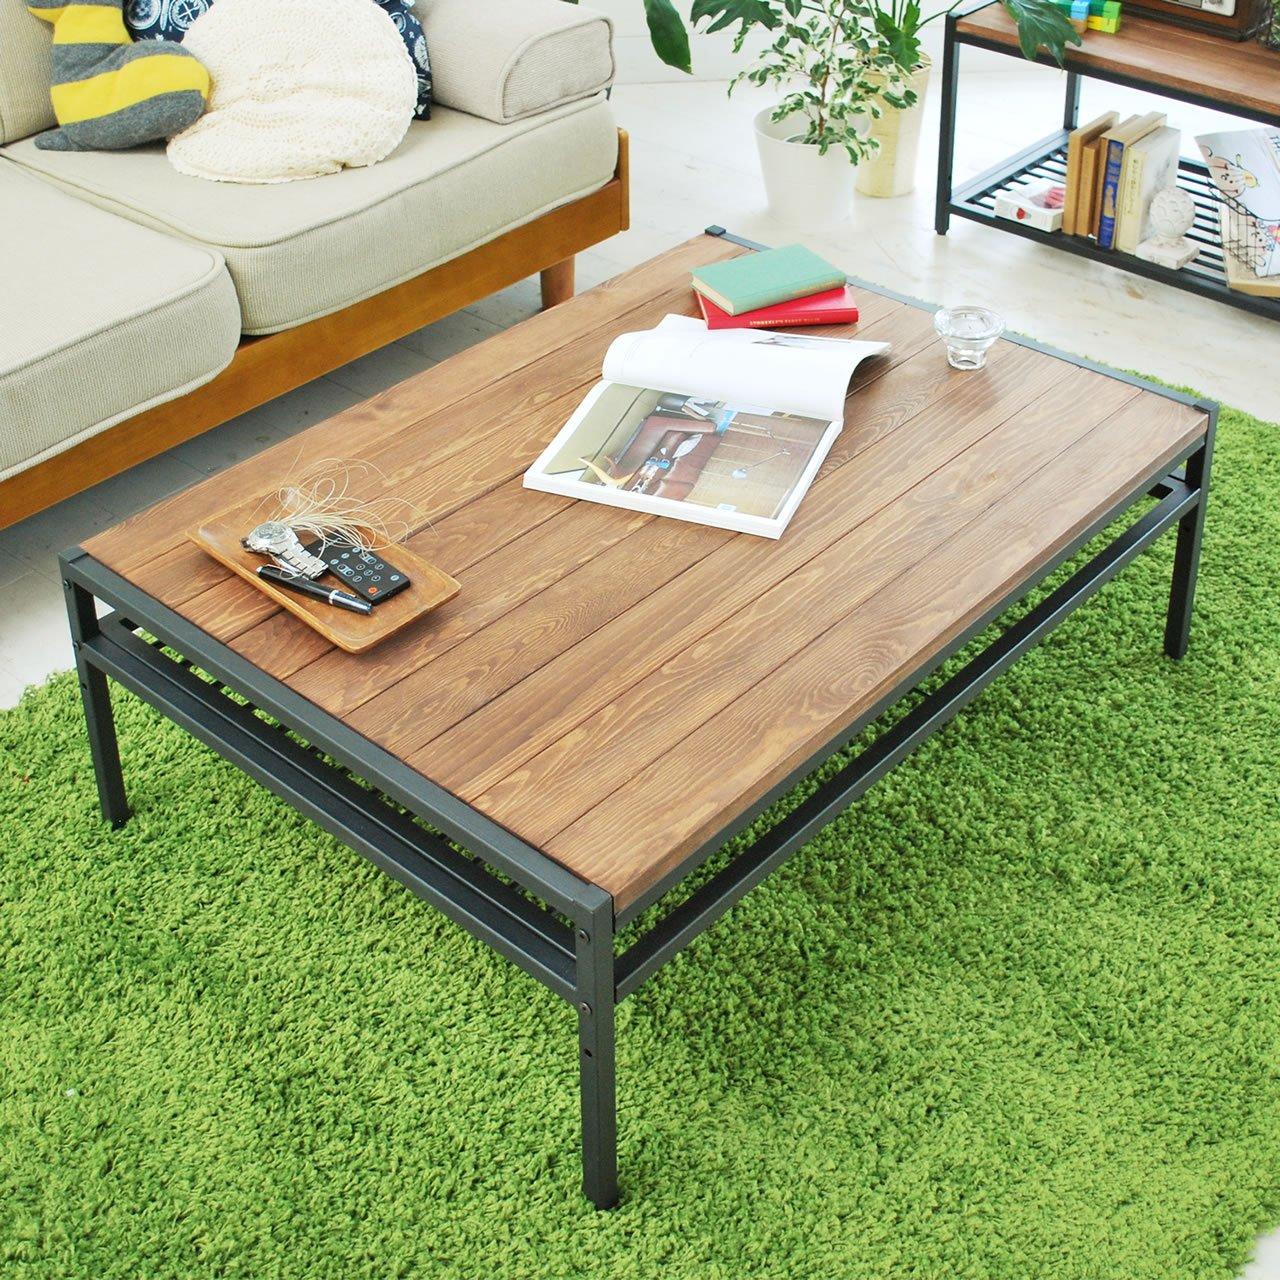 アイアン*ウッド センターテーブル 95cmタイプ 幅95cm×奥行68.5cm×高さ35cm パイン材 オイル仕上げ PT-950BRN B00Y01HU3A  センターテーブル95cm×68.5cm